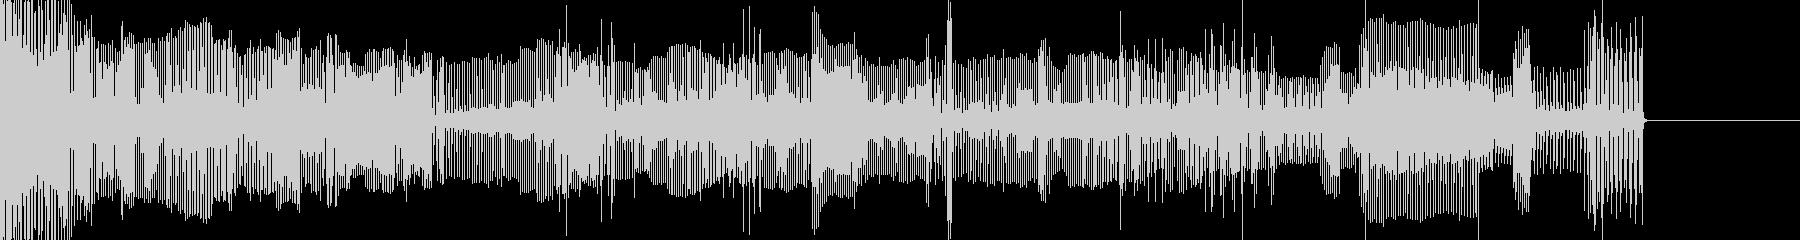 壊れた機械音01の未再生の波形